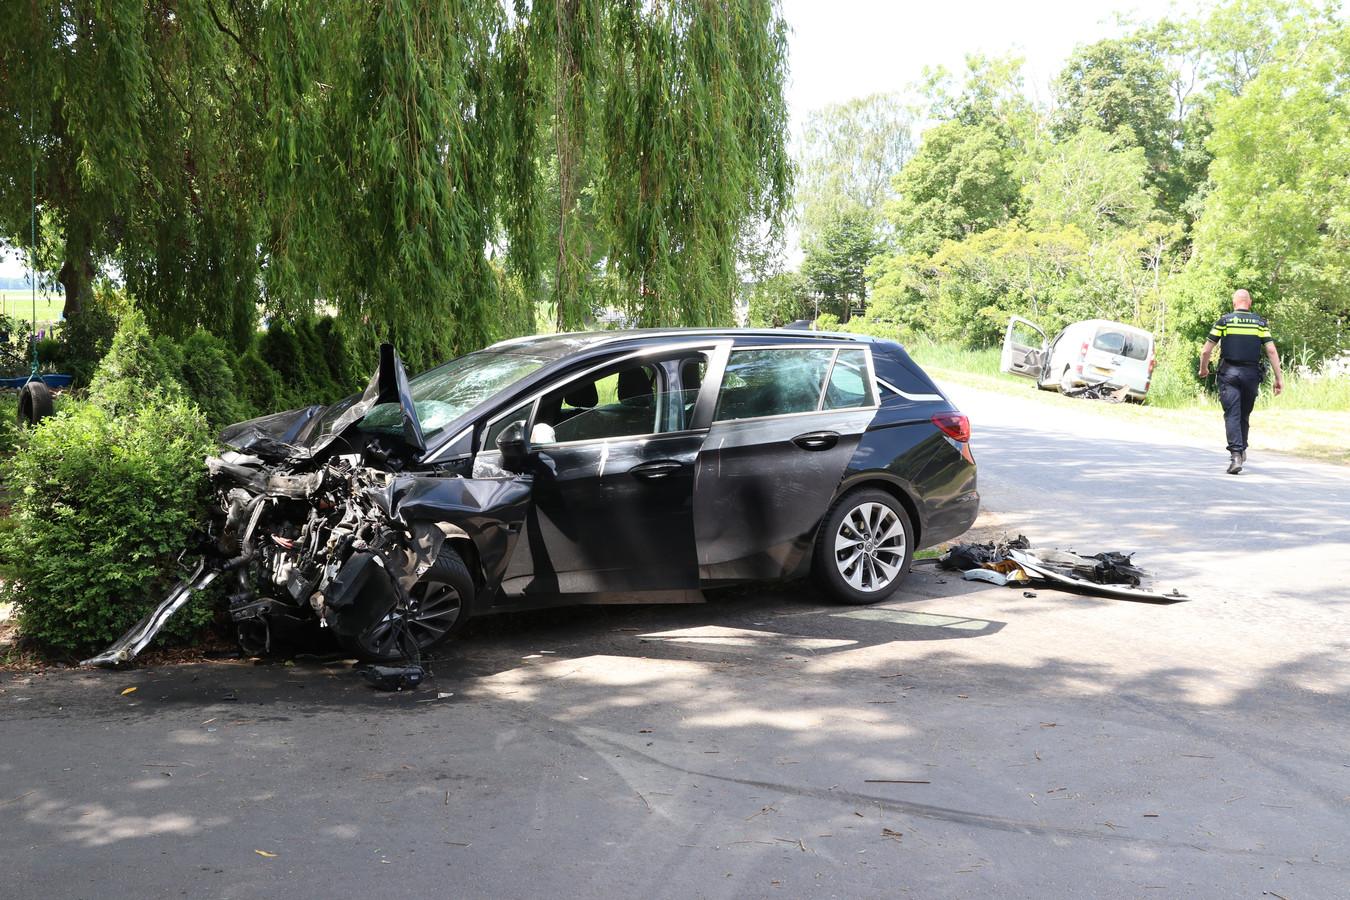 Bij een harde botsing in de buurt van Tollebeek raakten twee auto's compleet beschadigd. De bestuurders moesten naar het ziekenhuis.